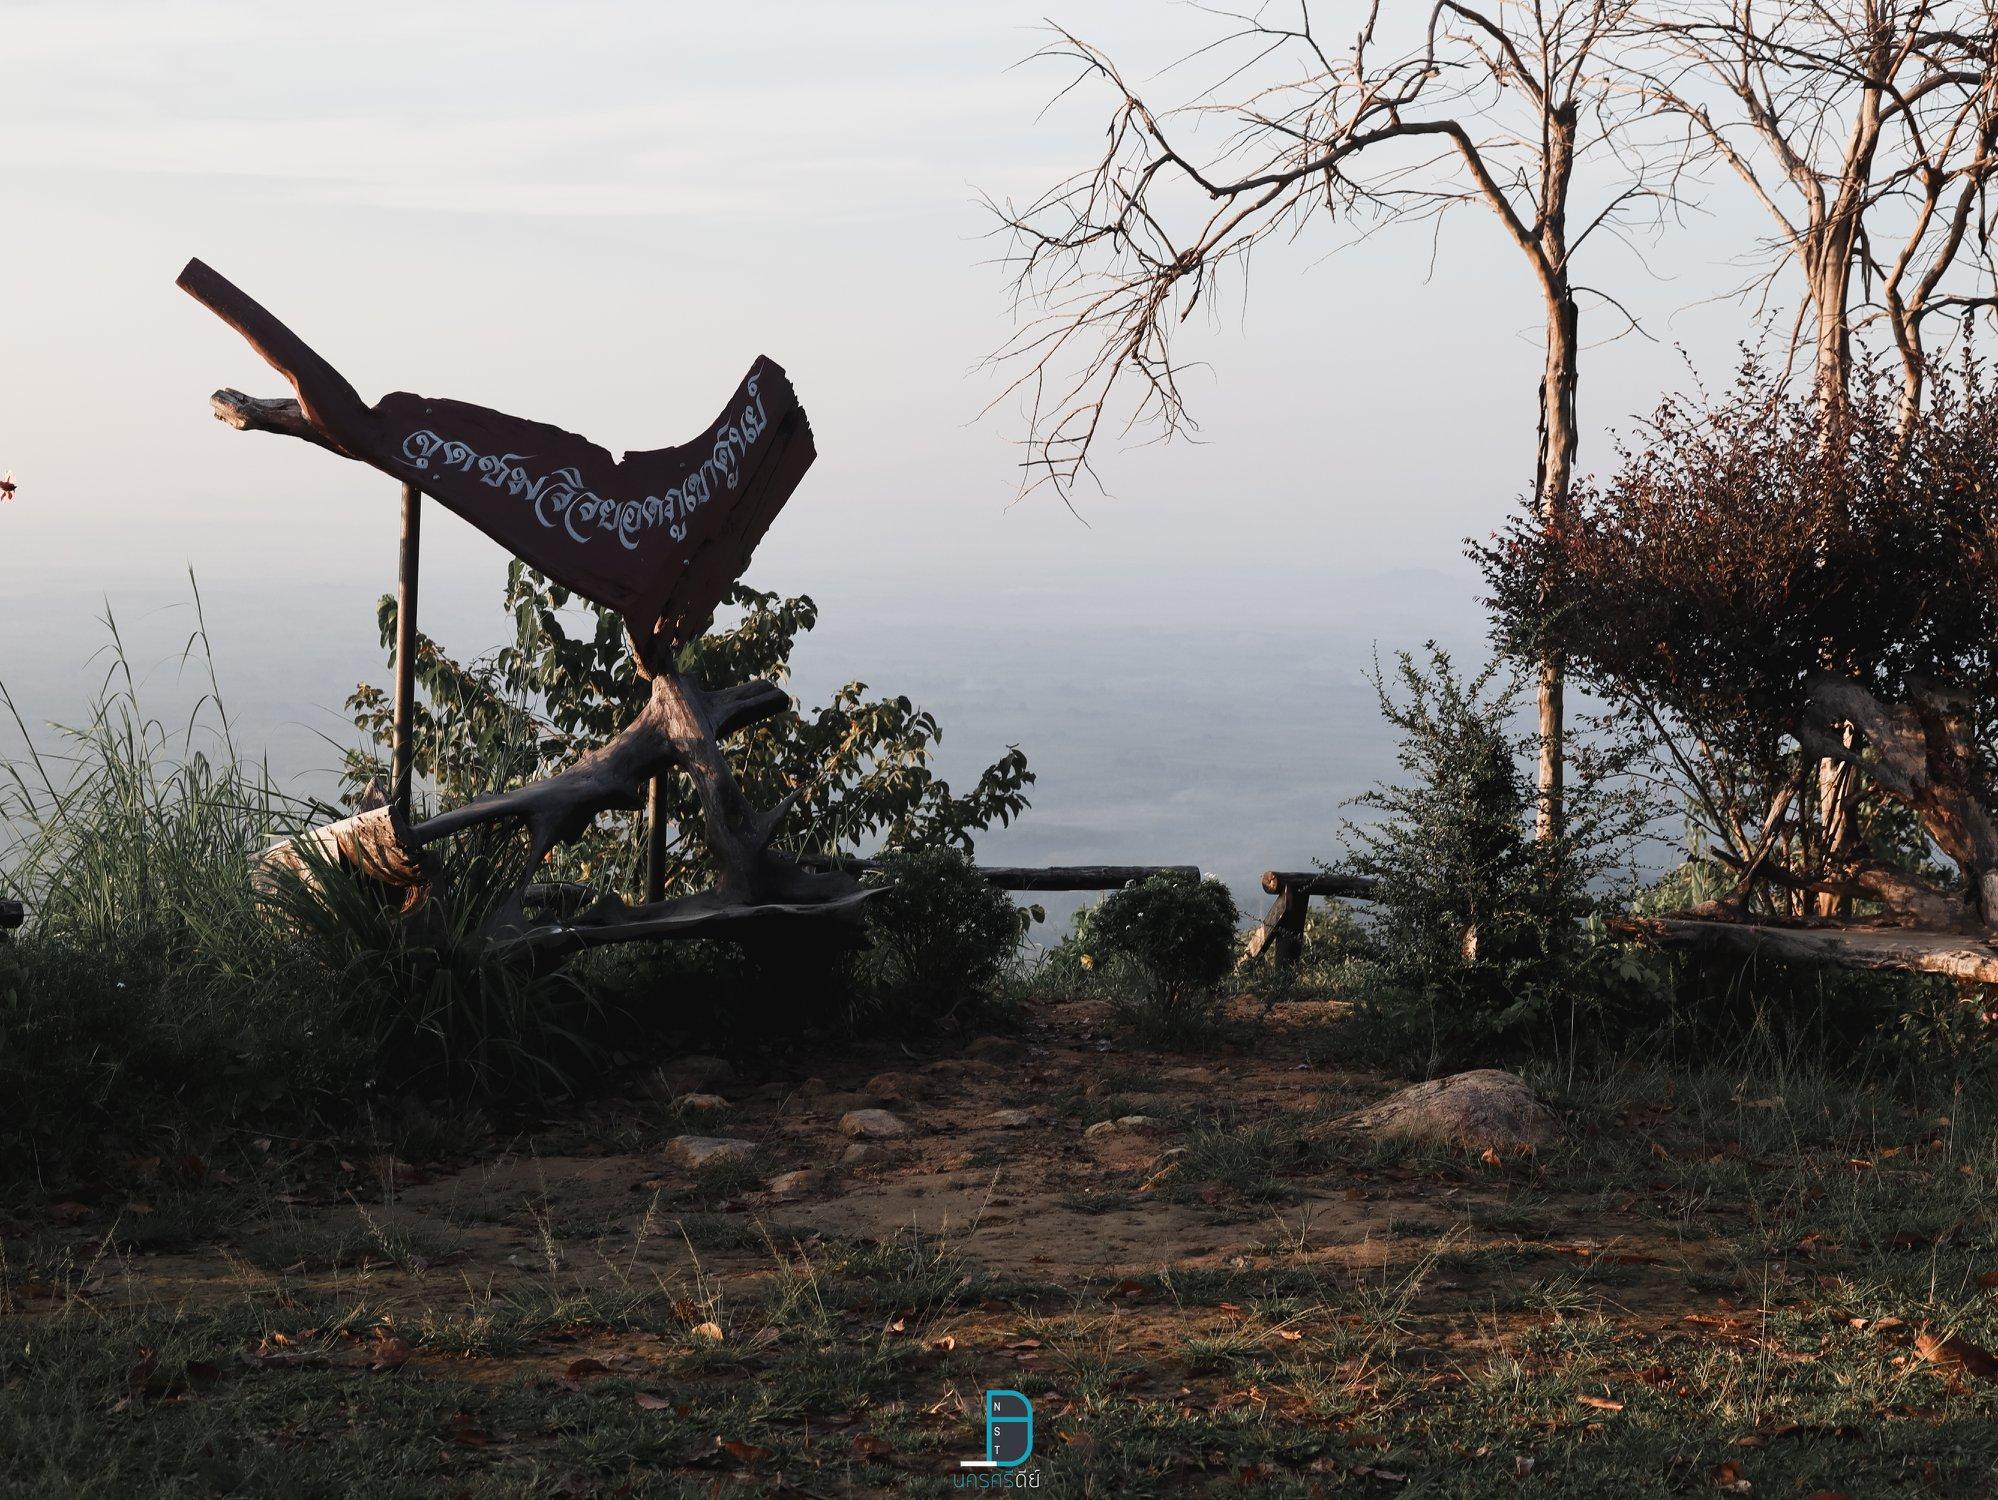 ทริป 2 วัน 1 คืน ชมวิวทะเลหมอก ป่าเขา ธรรมชาติ at ช้างกลาง ฉวาง นครศรีดีย์